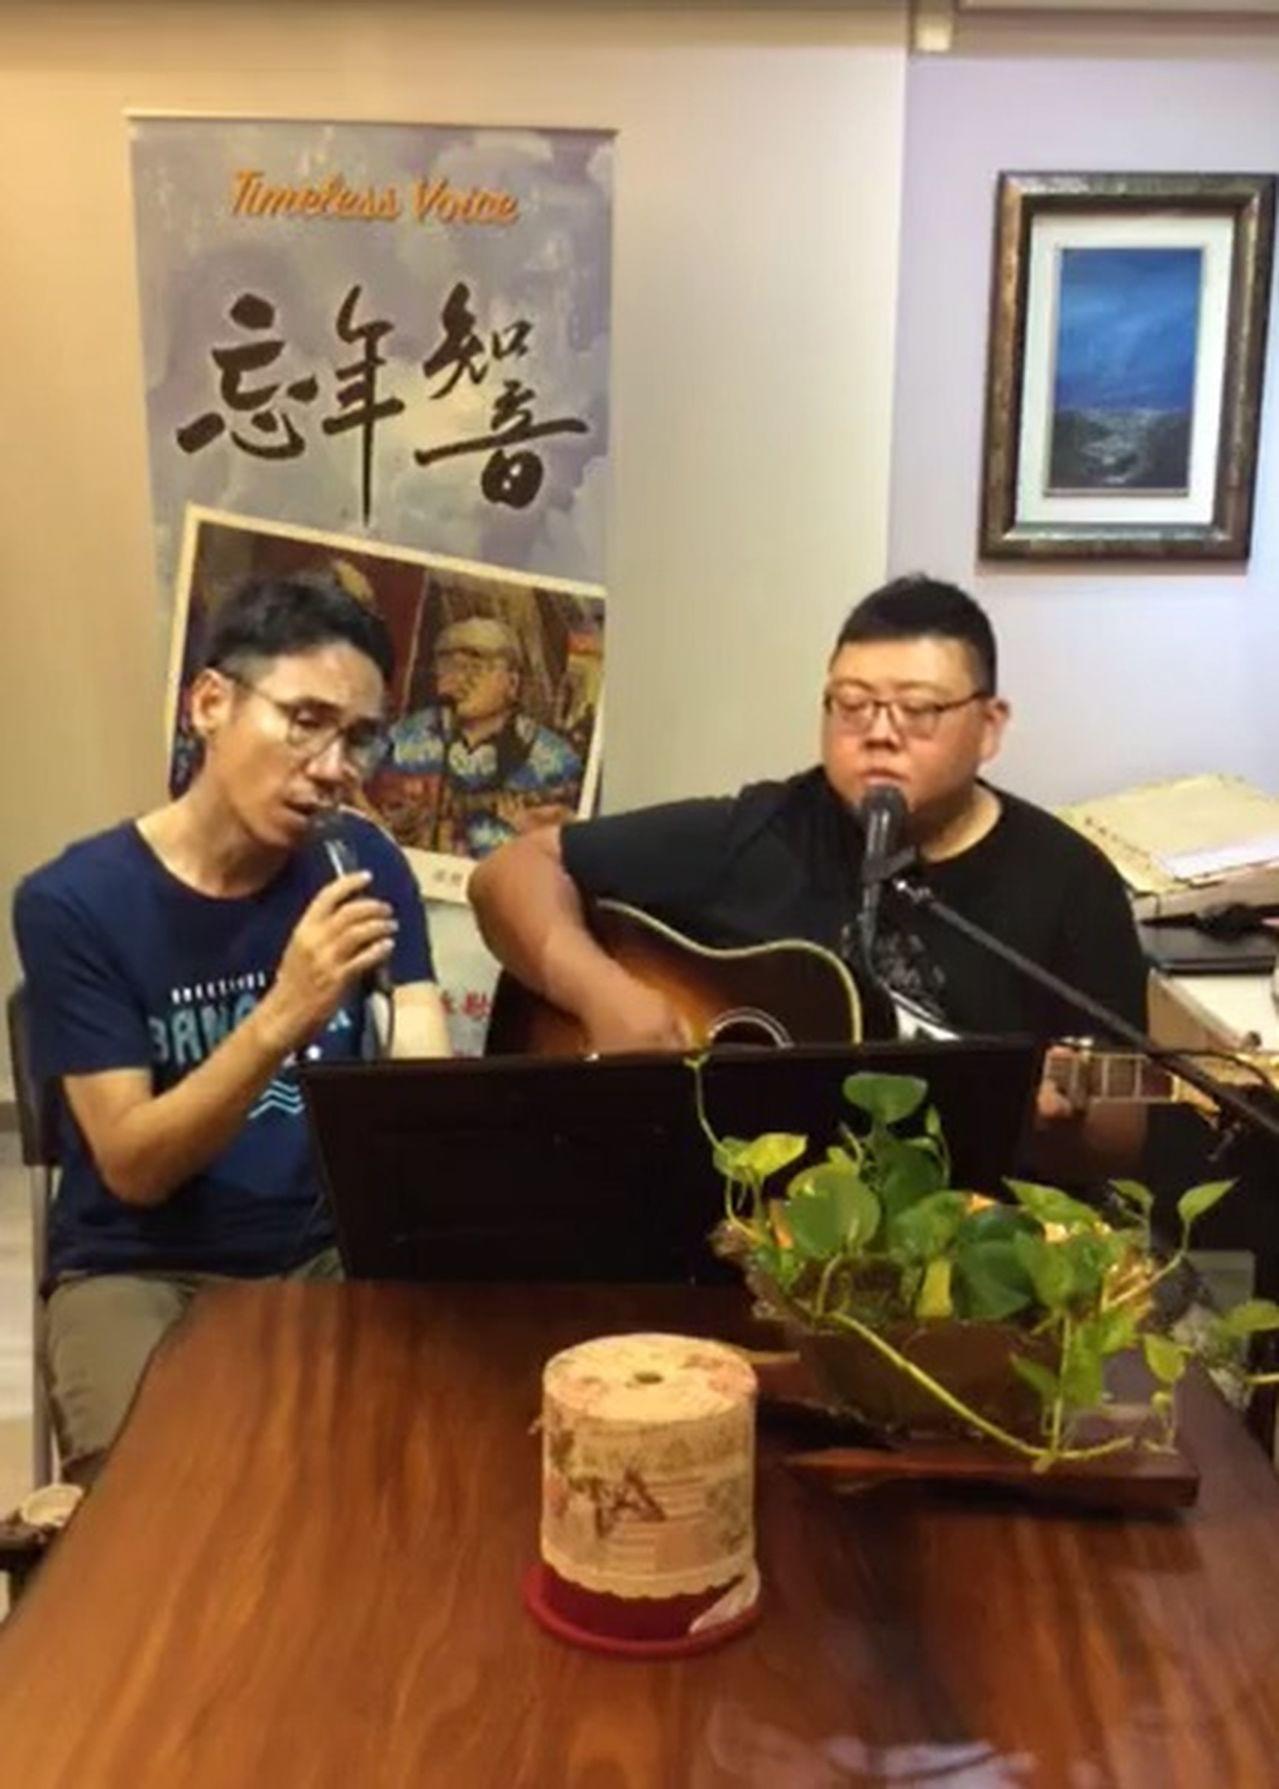 校長張嘉亨(左)與衛浴維修人員孫懋文,每周五固定在臉書直播演唱分享音樂。 圖/忘...